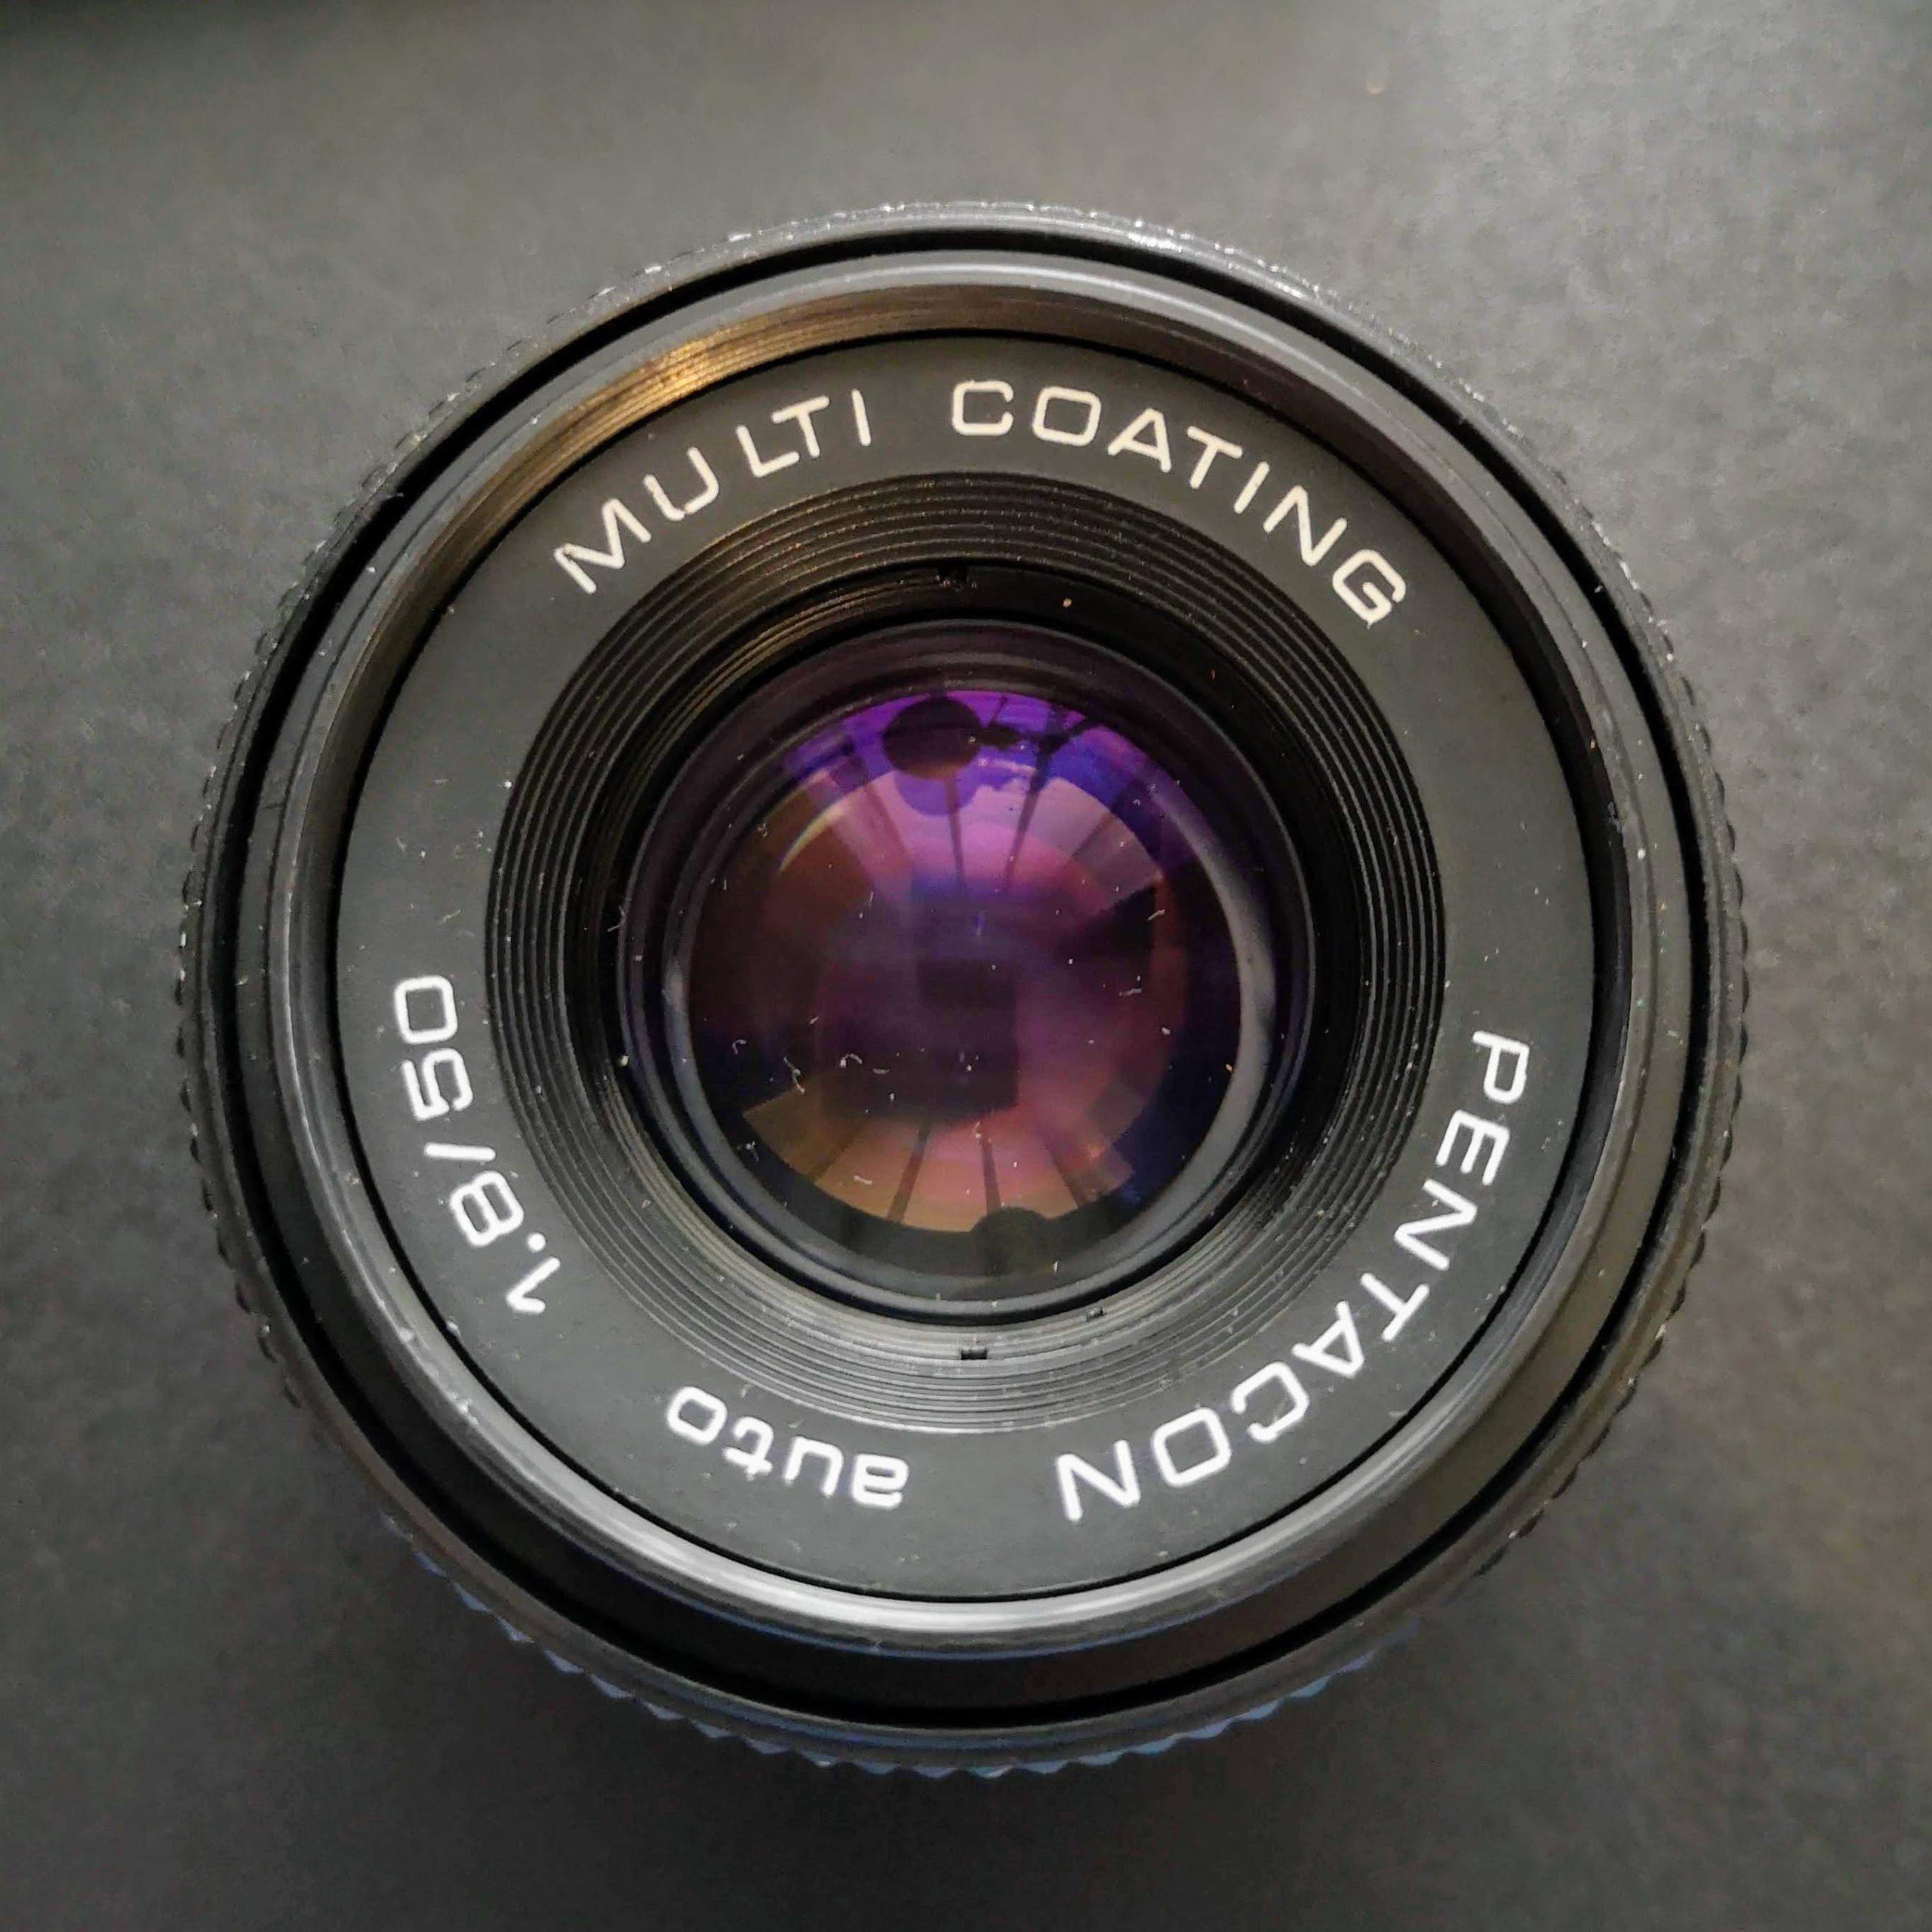 Pentacon auto 50mm 1:1.8 lens